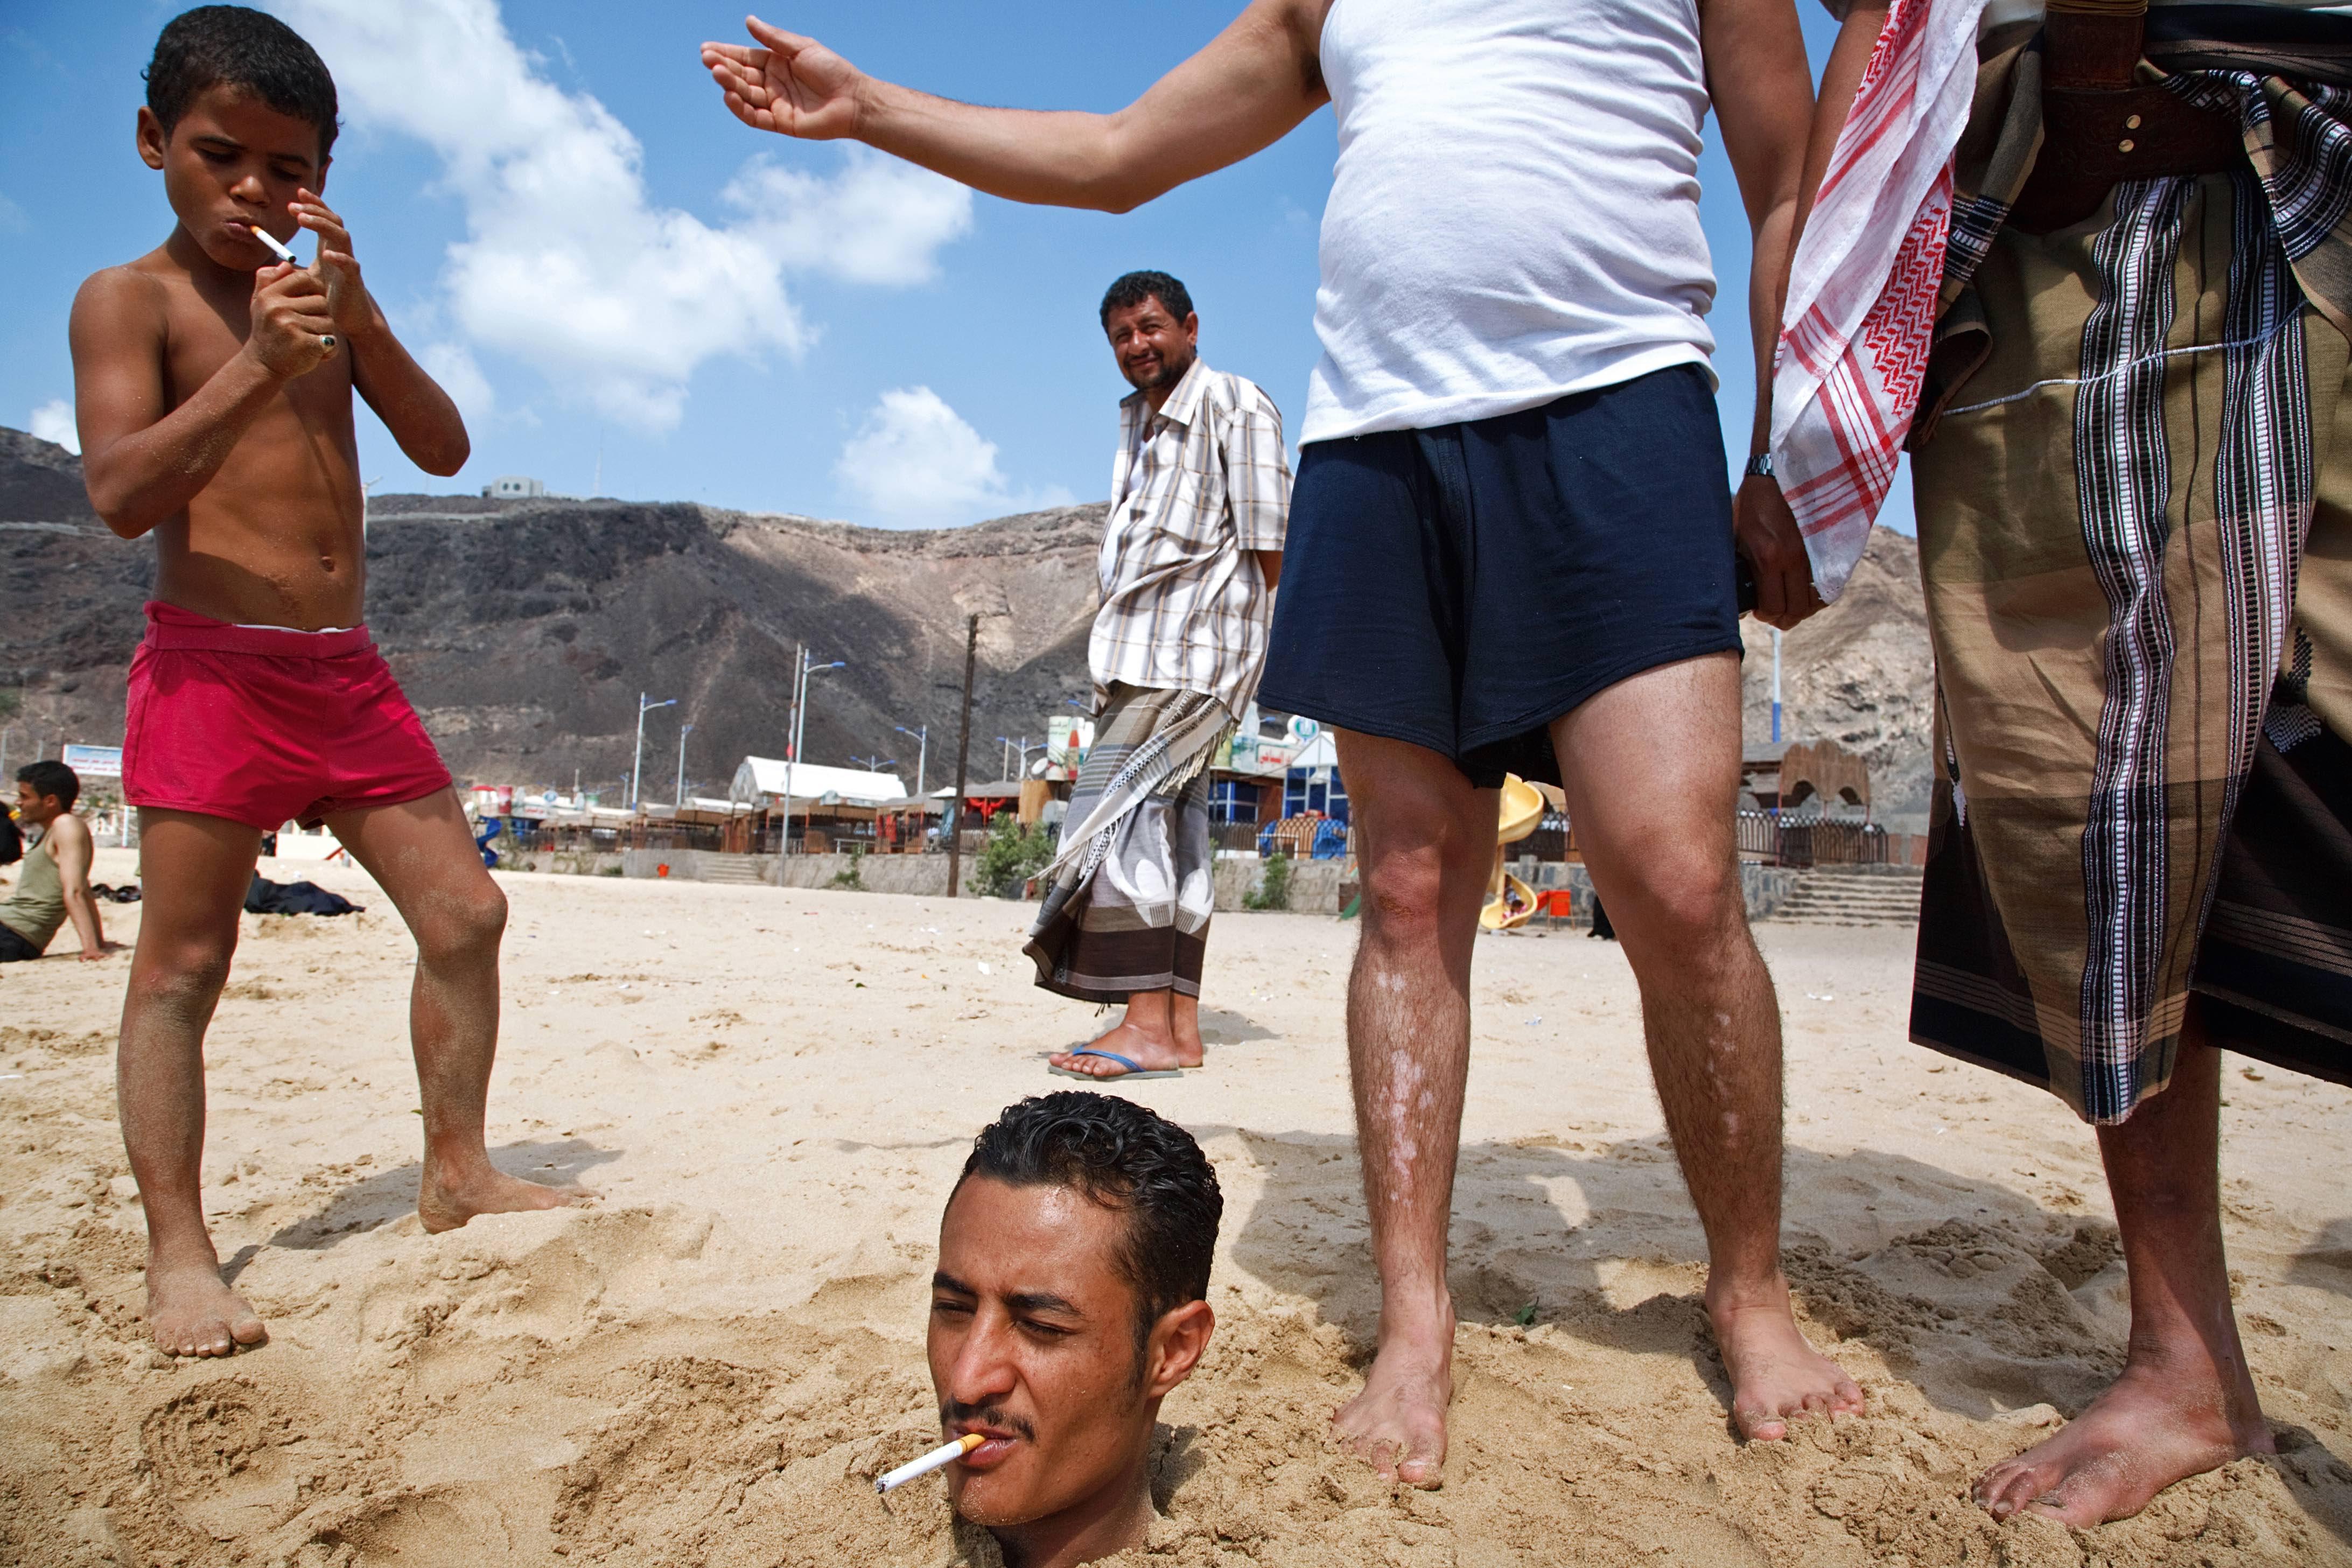 Maciej Dakowicz, Aden, Yemen 2007. Courtesy of Maciej Dakowicz.